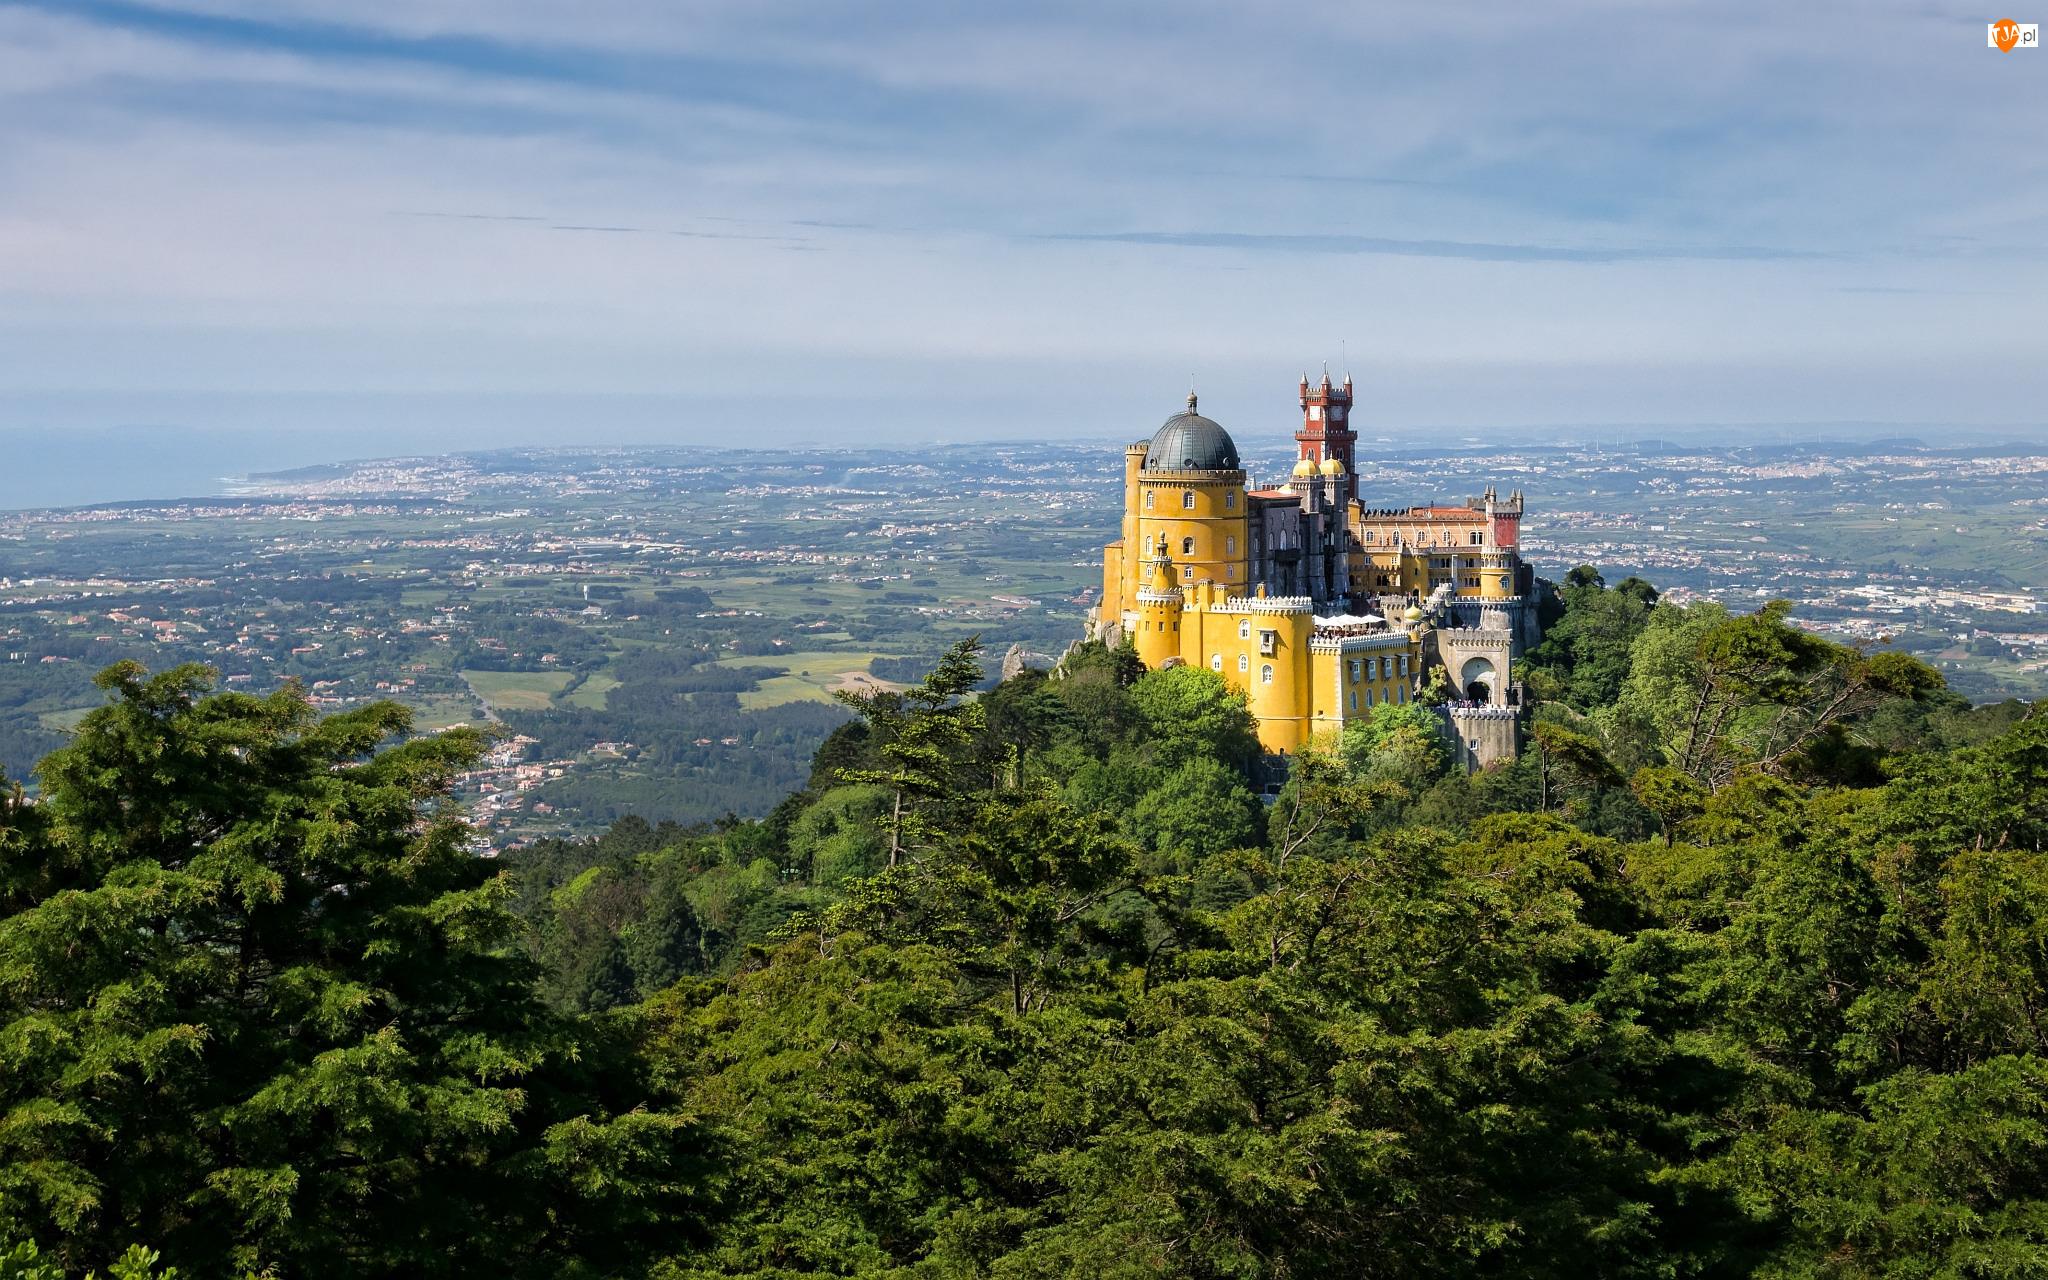 Wzgórze, Portugalia, Miejscowość Sintra, Region Lizbona, Pałac Pena